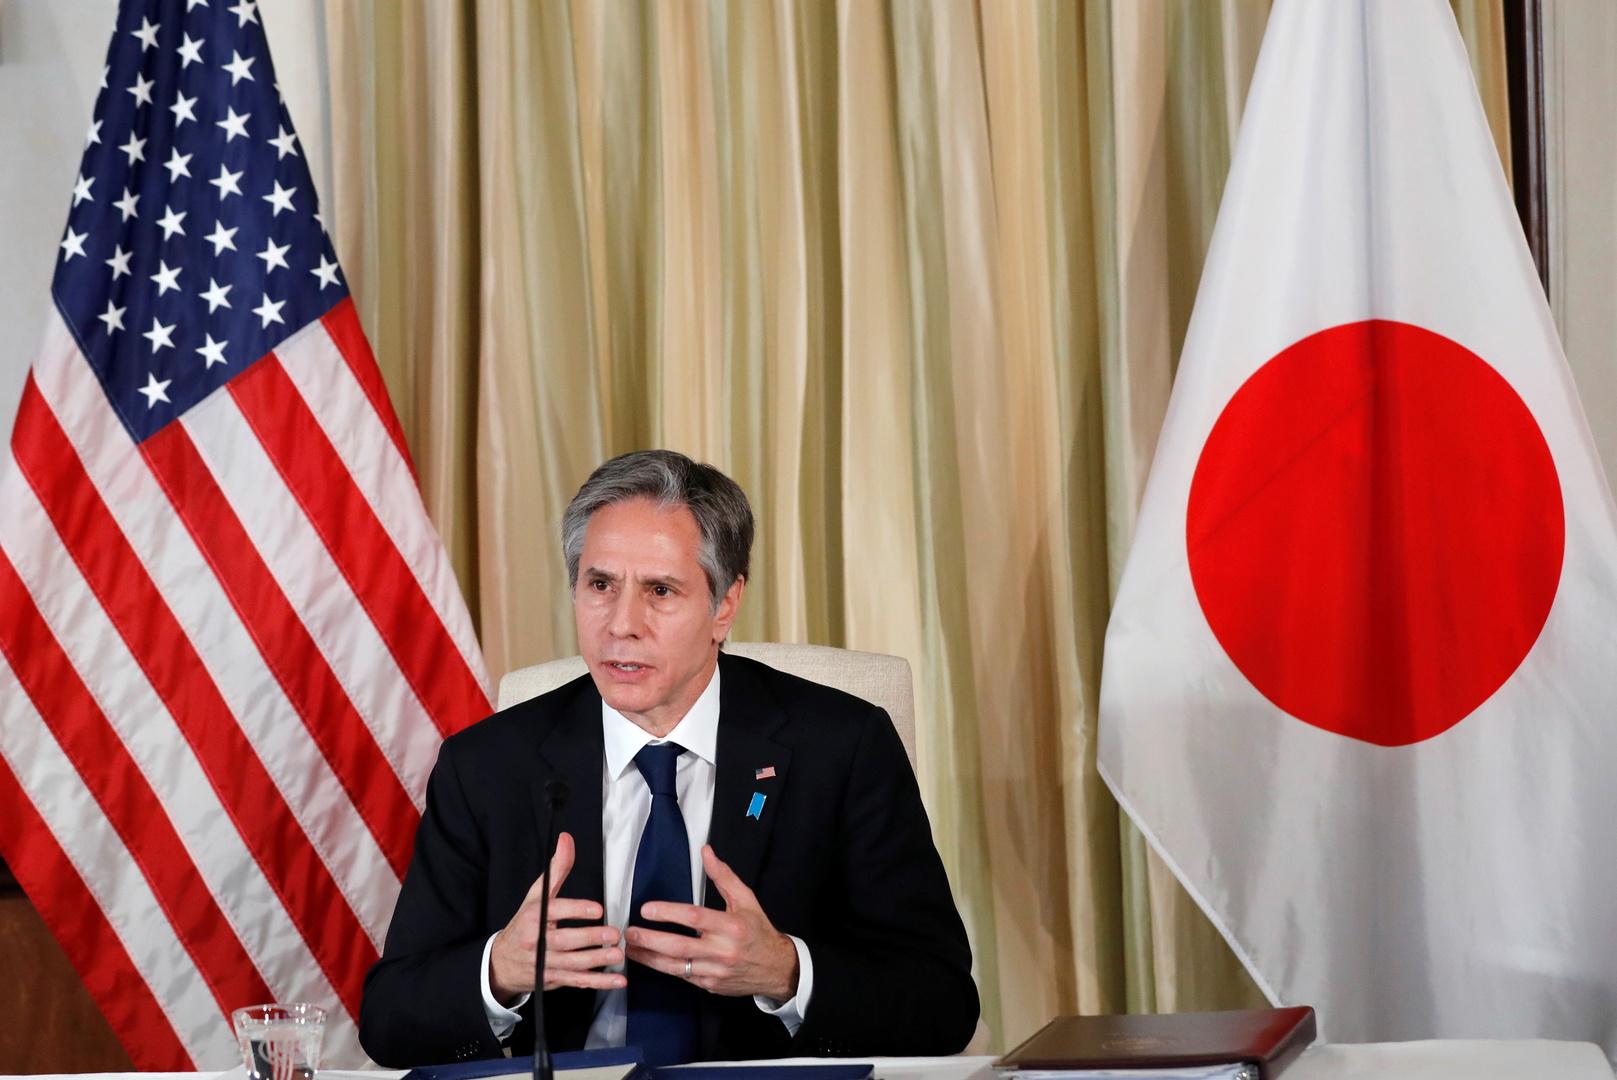 بلينكن: نعمل مع حلفائنا على نزع السلاح النووي لكوريا الشمالية